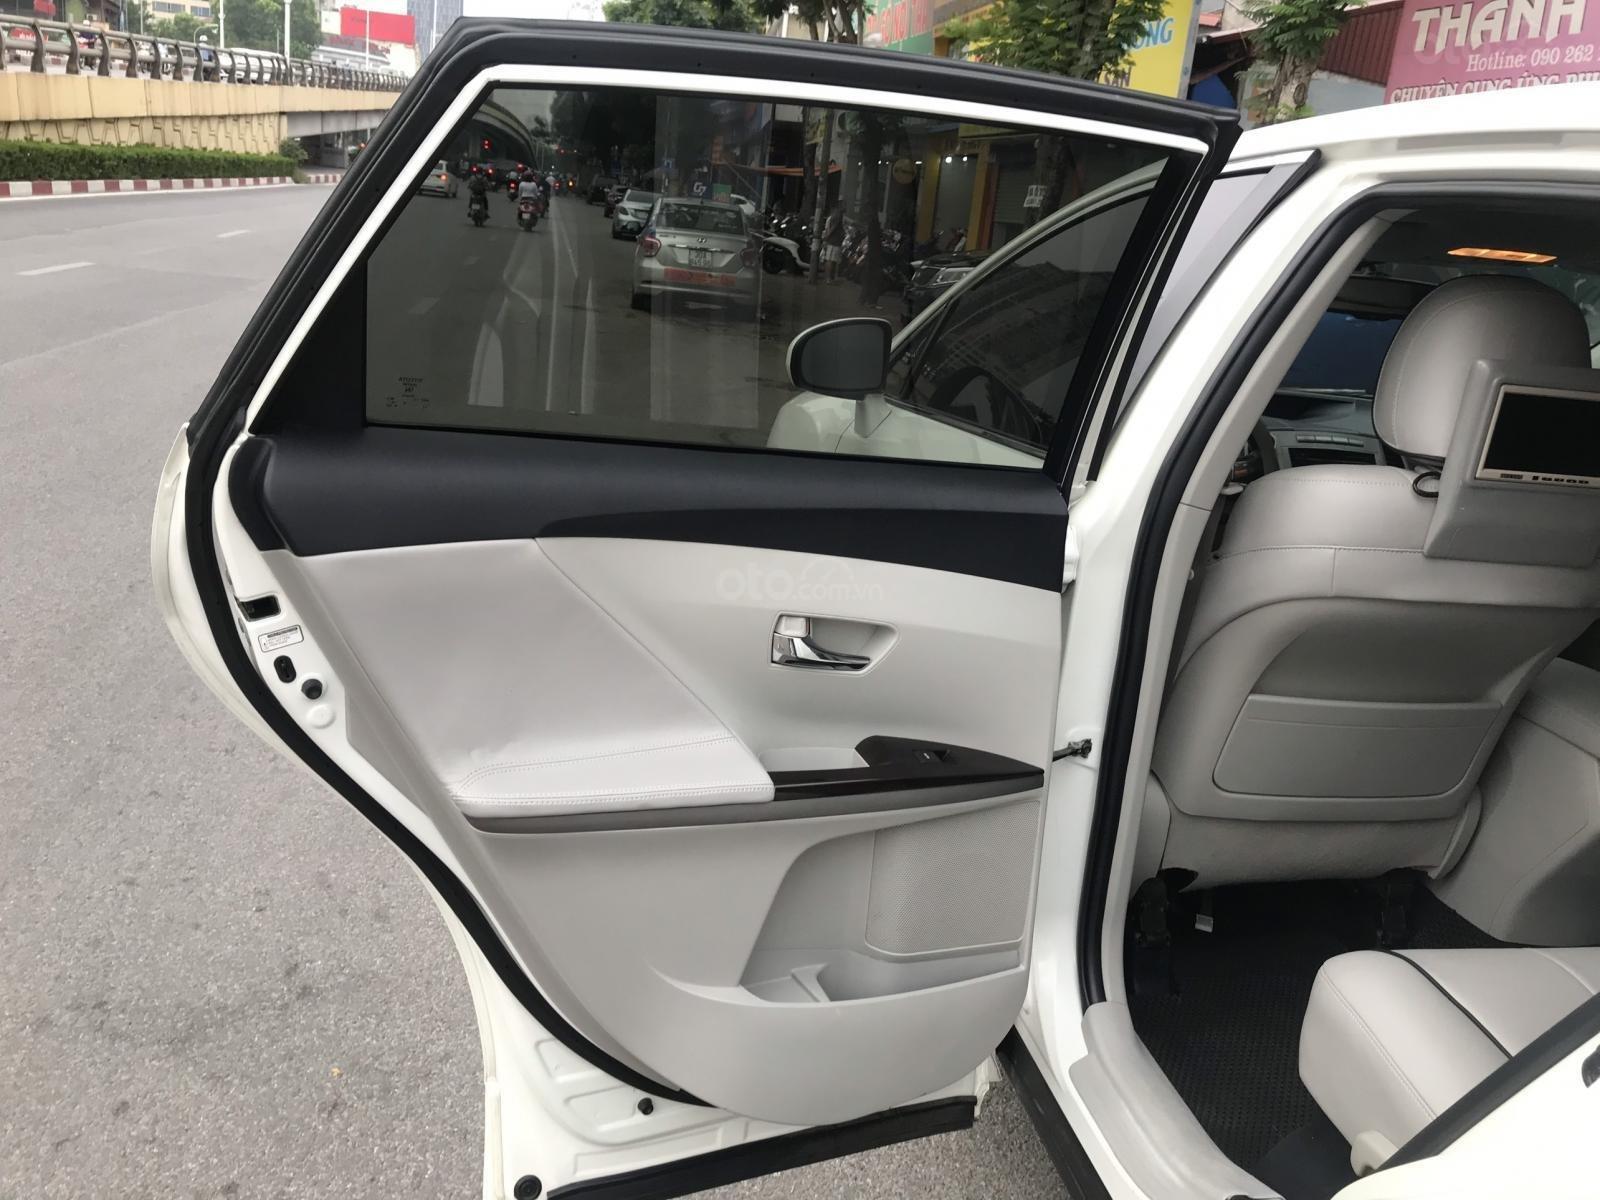 Toyota Venza sx 2010, ĐK 2011 nhập khẩu nguyên chiếc tại Mỹ (4)